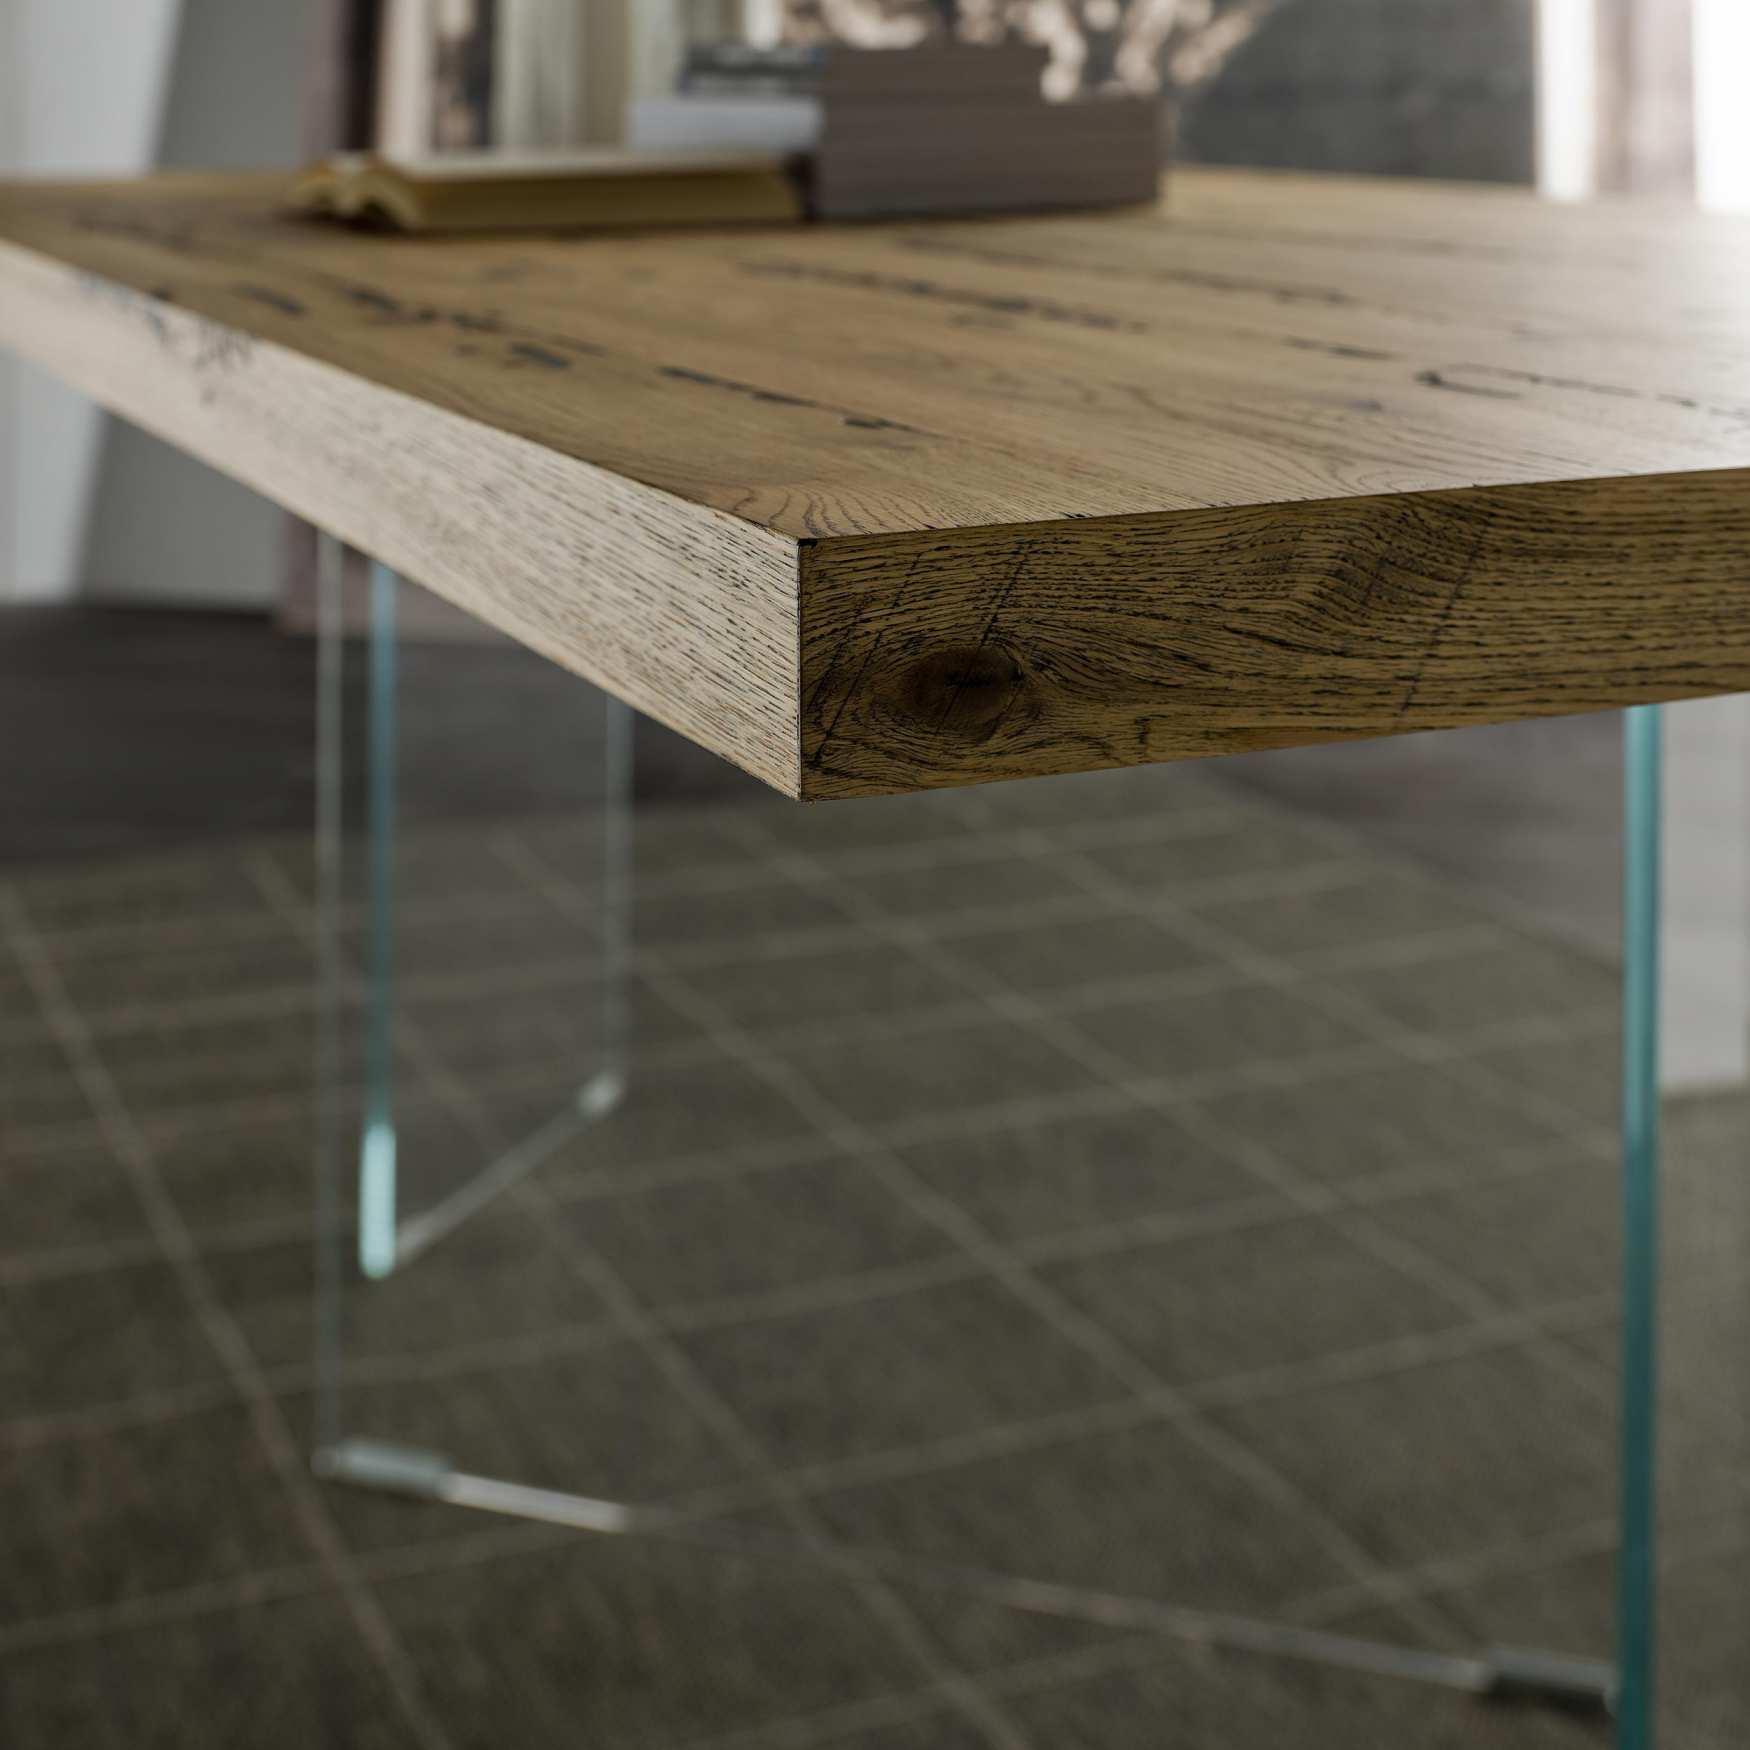 Tavolo in legno e cristallo Flai | milanomondo